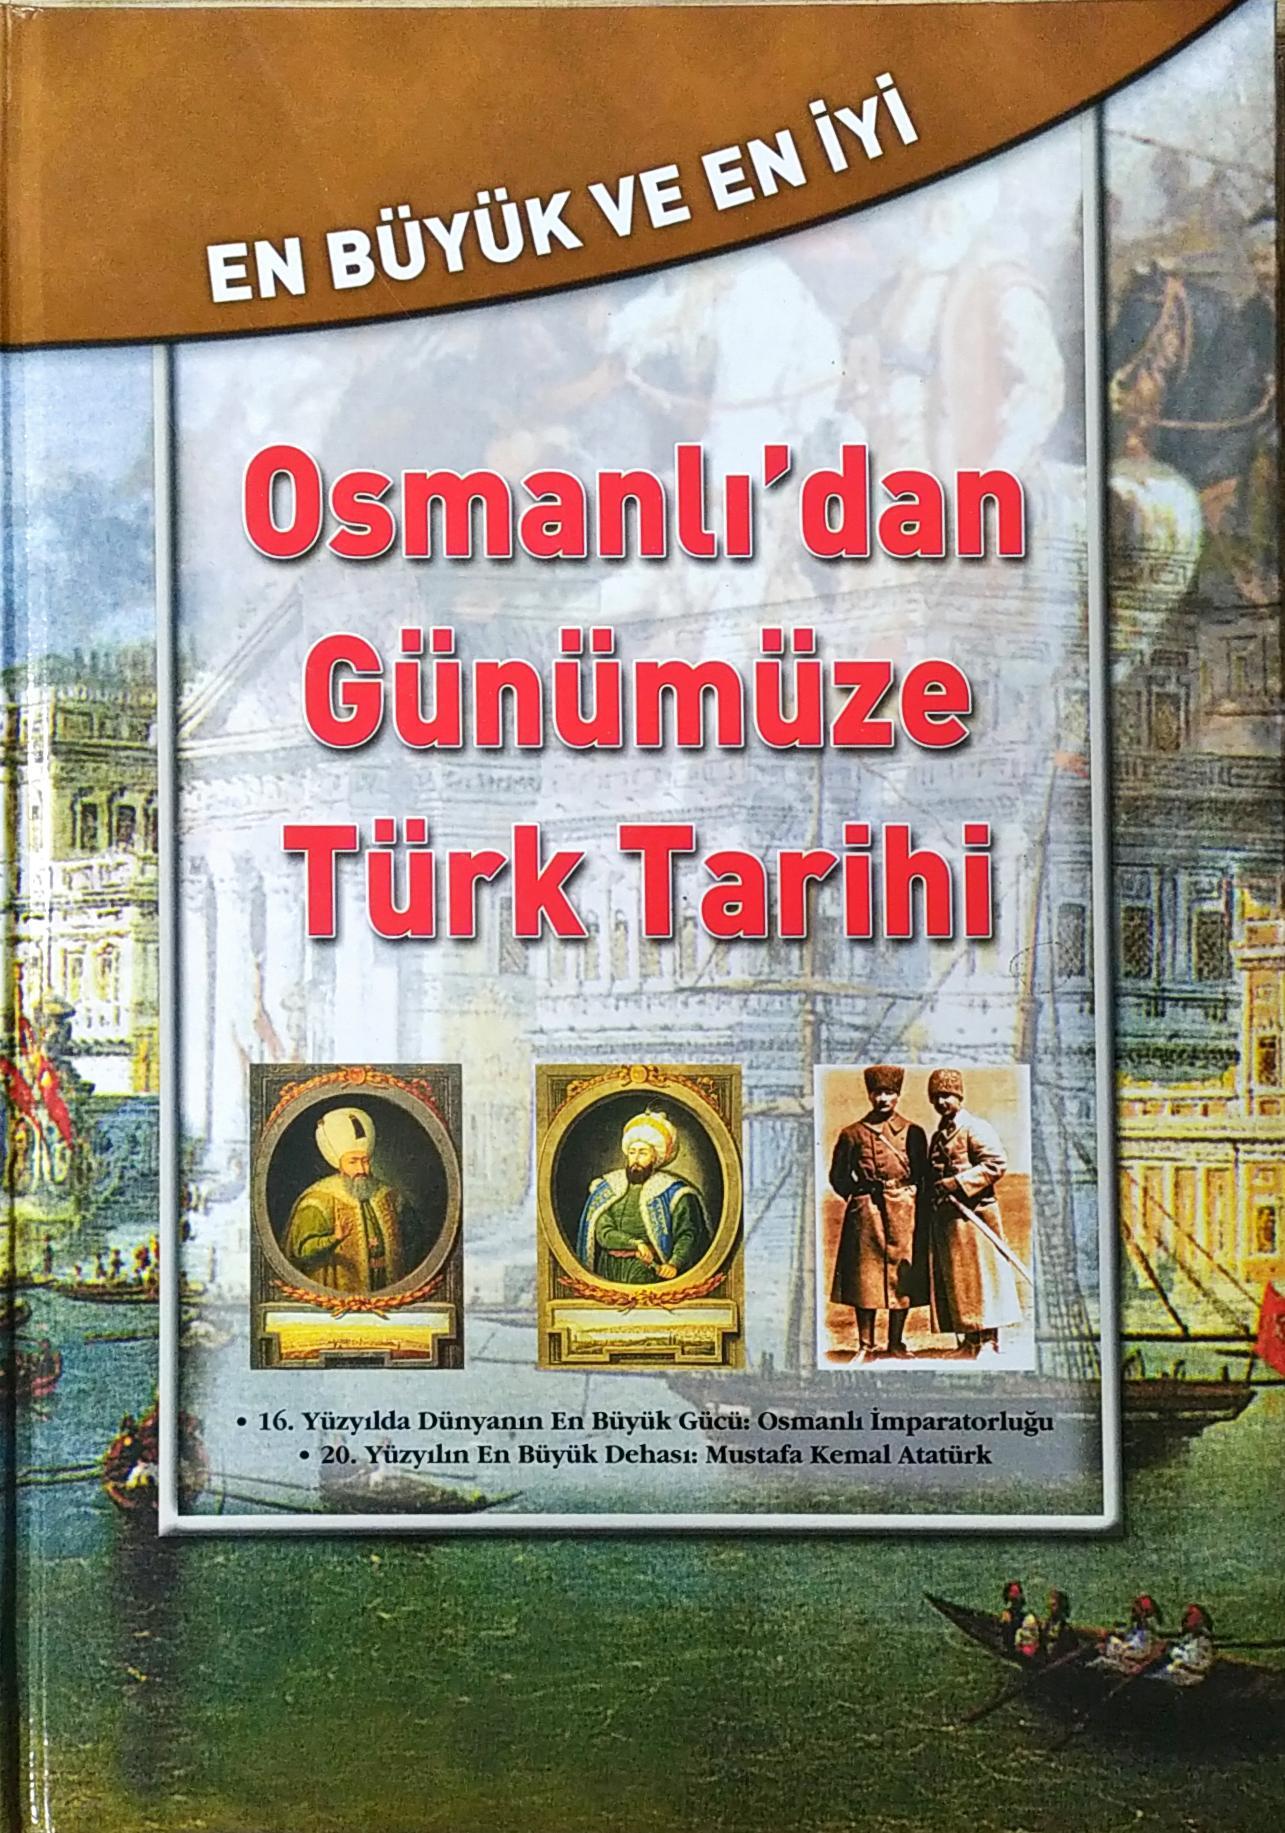 En Büyük Ve En İyi Osmanlı'dan Günümüze Türk Tarihi